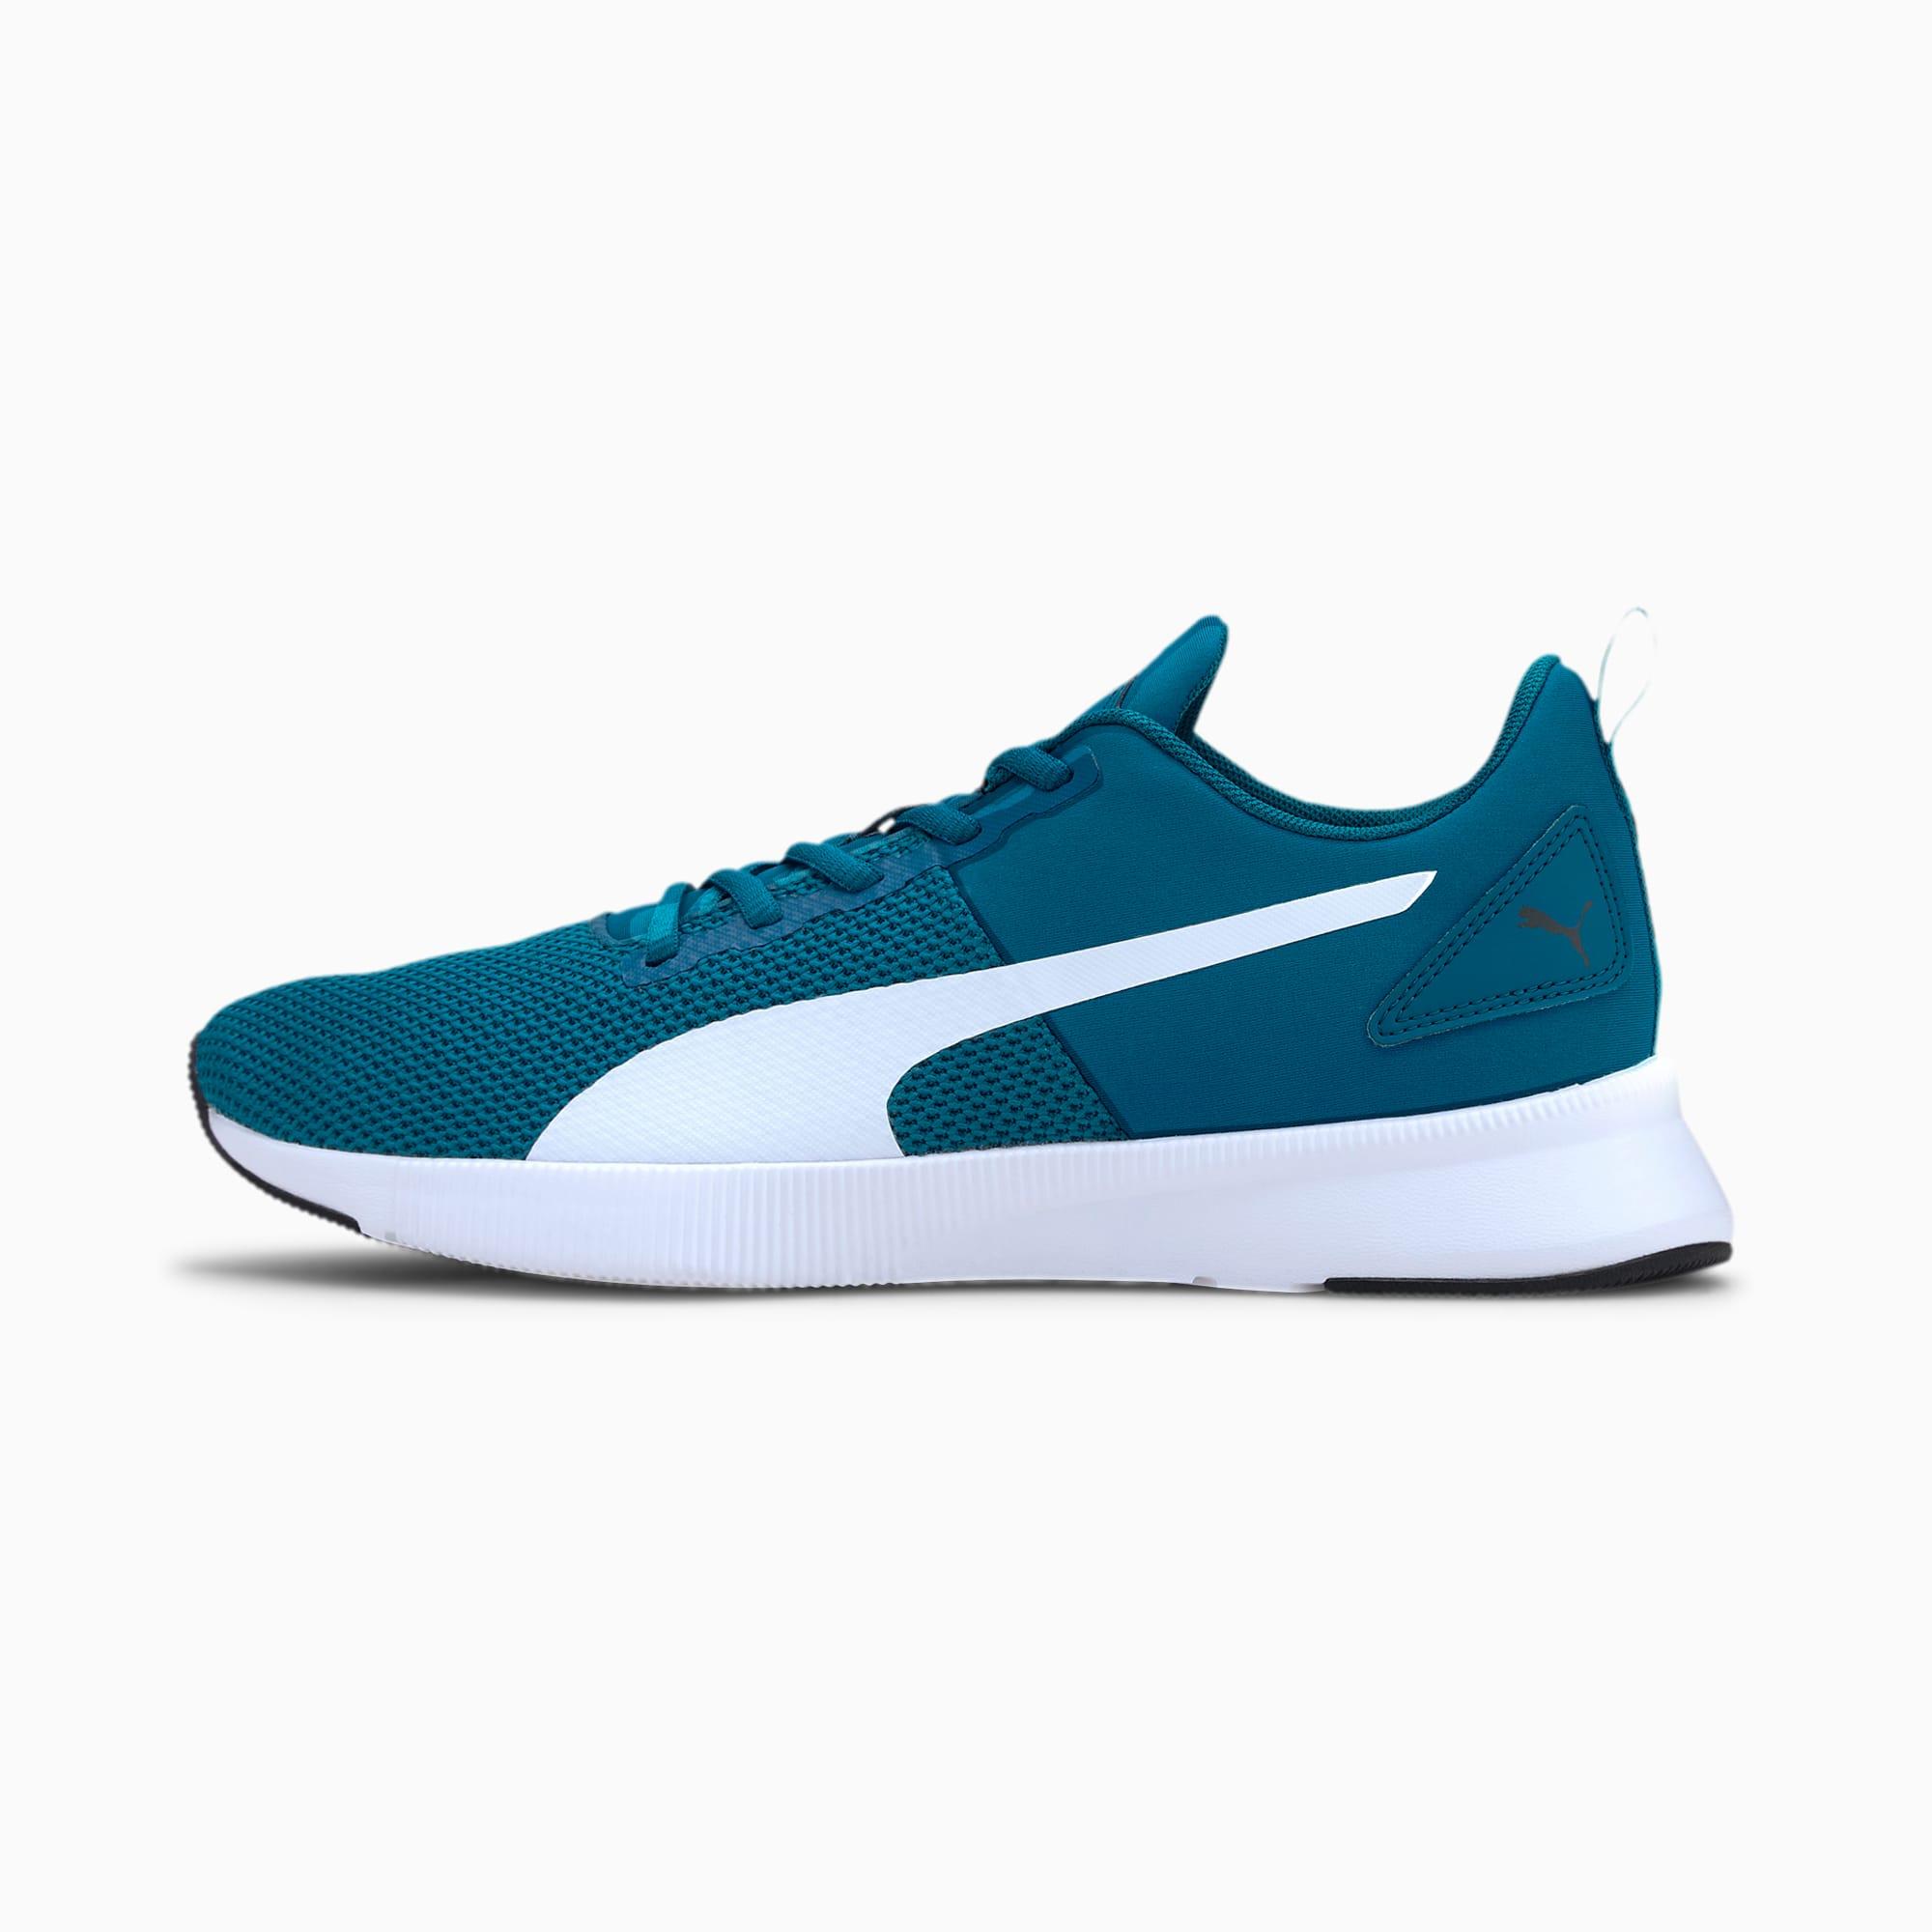 PUMA Chaussure de course Flyer Runner, Blanc/Bleu, Taille 40, Chaussures